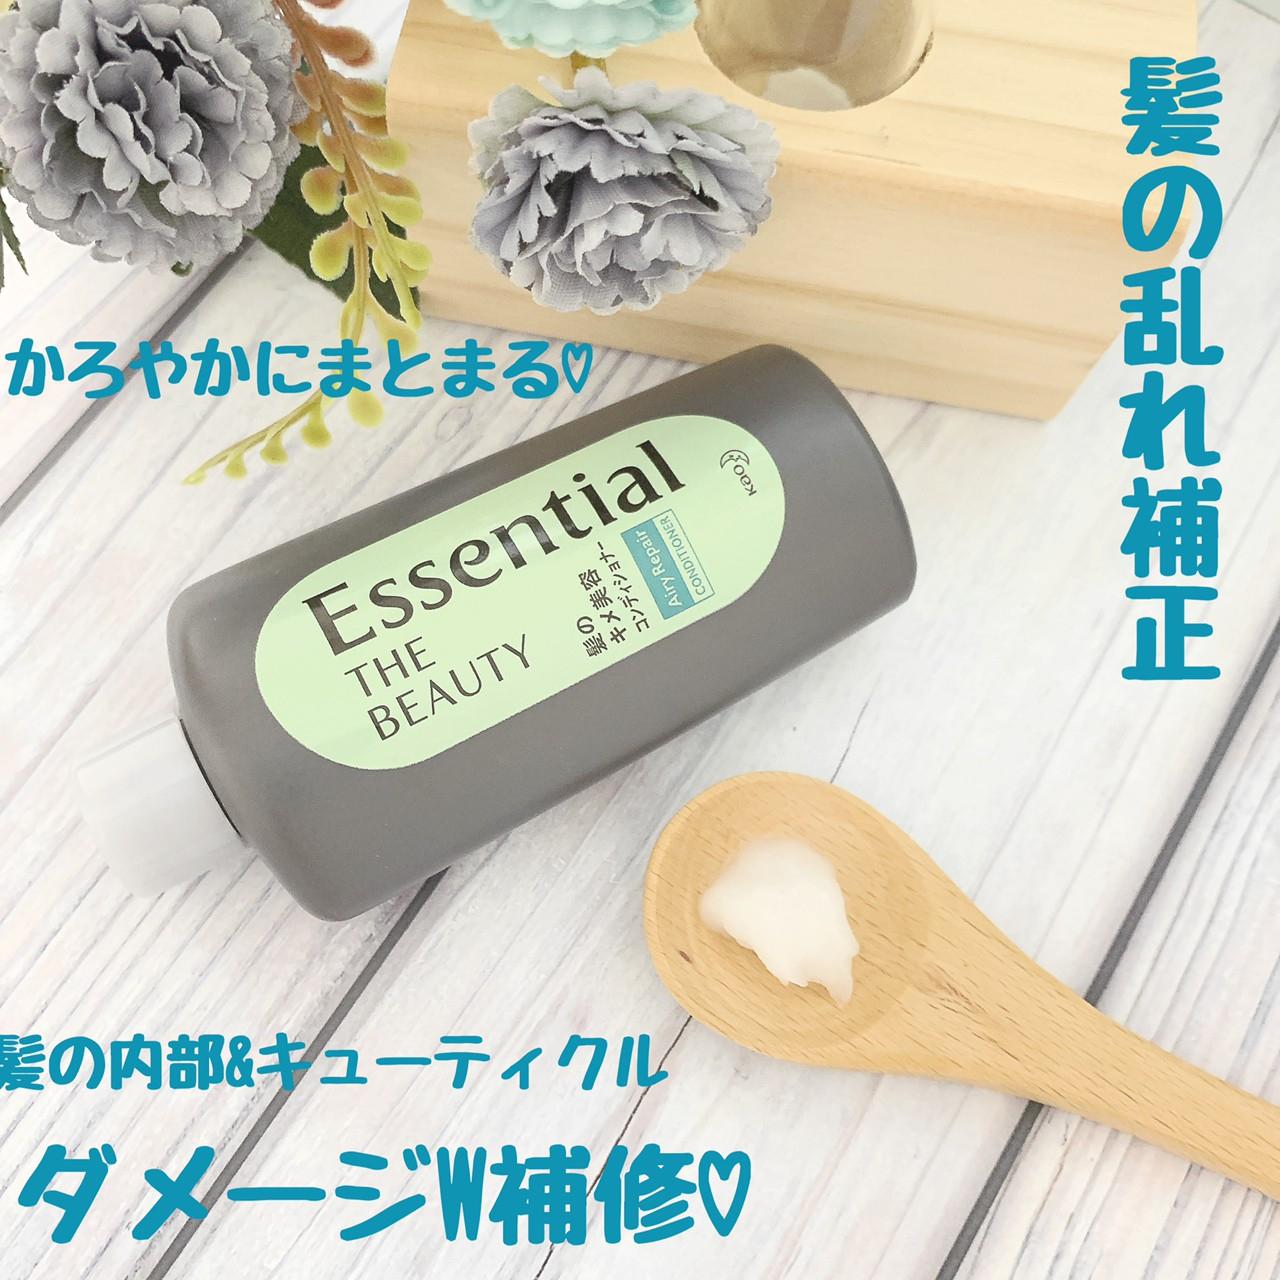 Essential(エッセンシャル) ザビューティ エアリーリペア トライアルセットの良い点・メリットに関するkana_cafe_timeさんの口コミ画像3